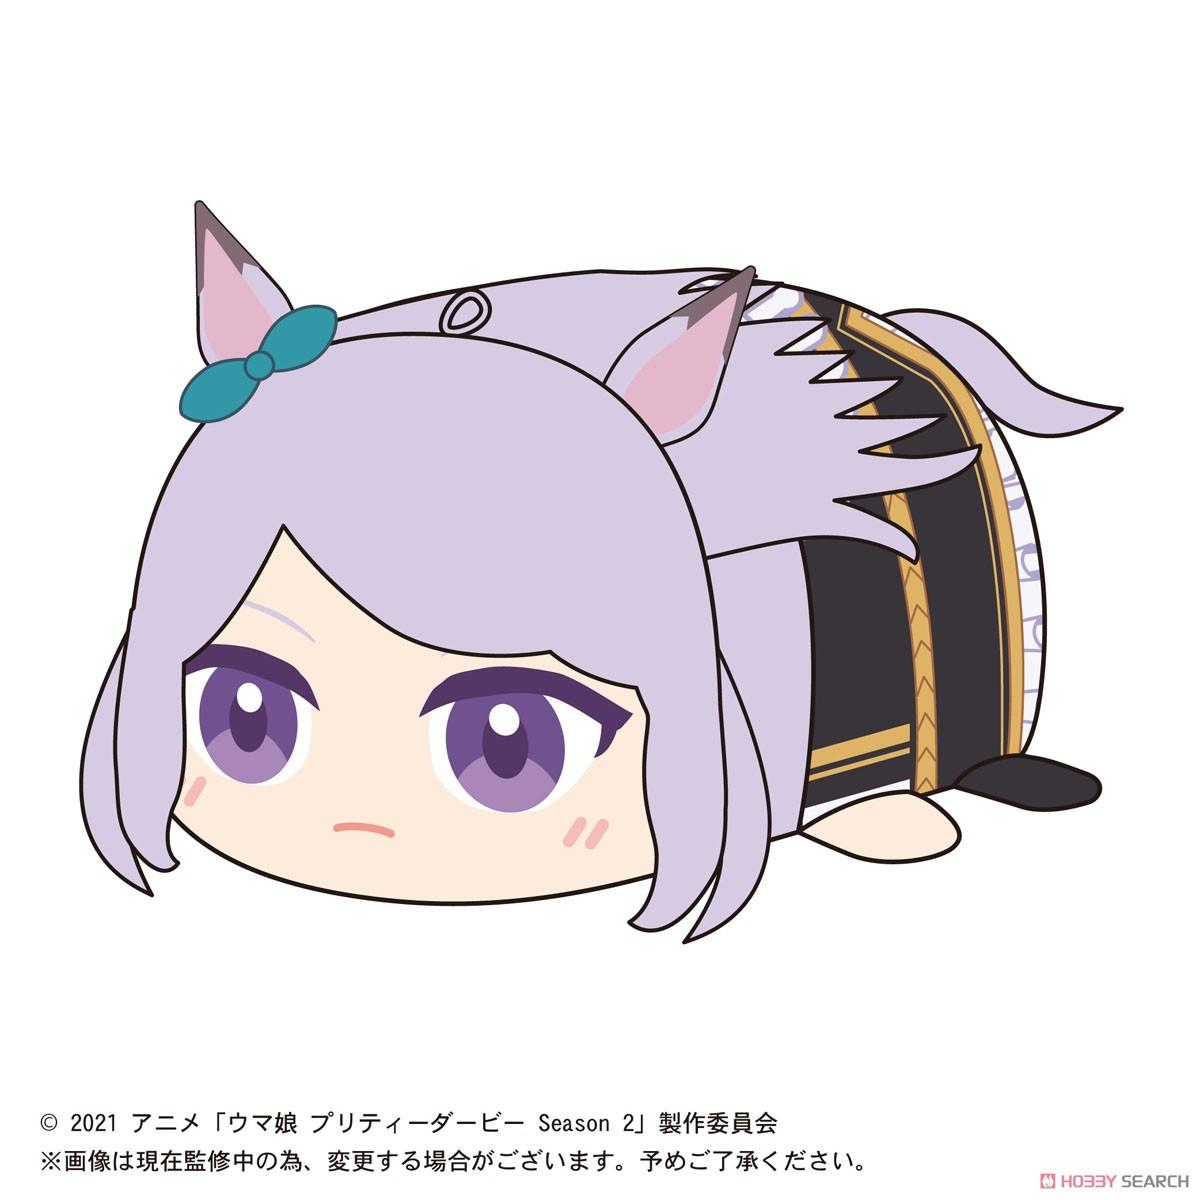 ウマ娘『TVアニメ ウマ娘 プリティーダービー Season2 ぽてコロマスコット』8個入りBOX-011